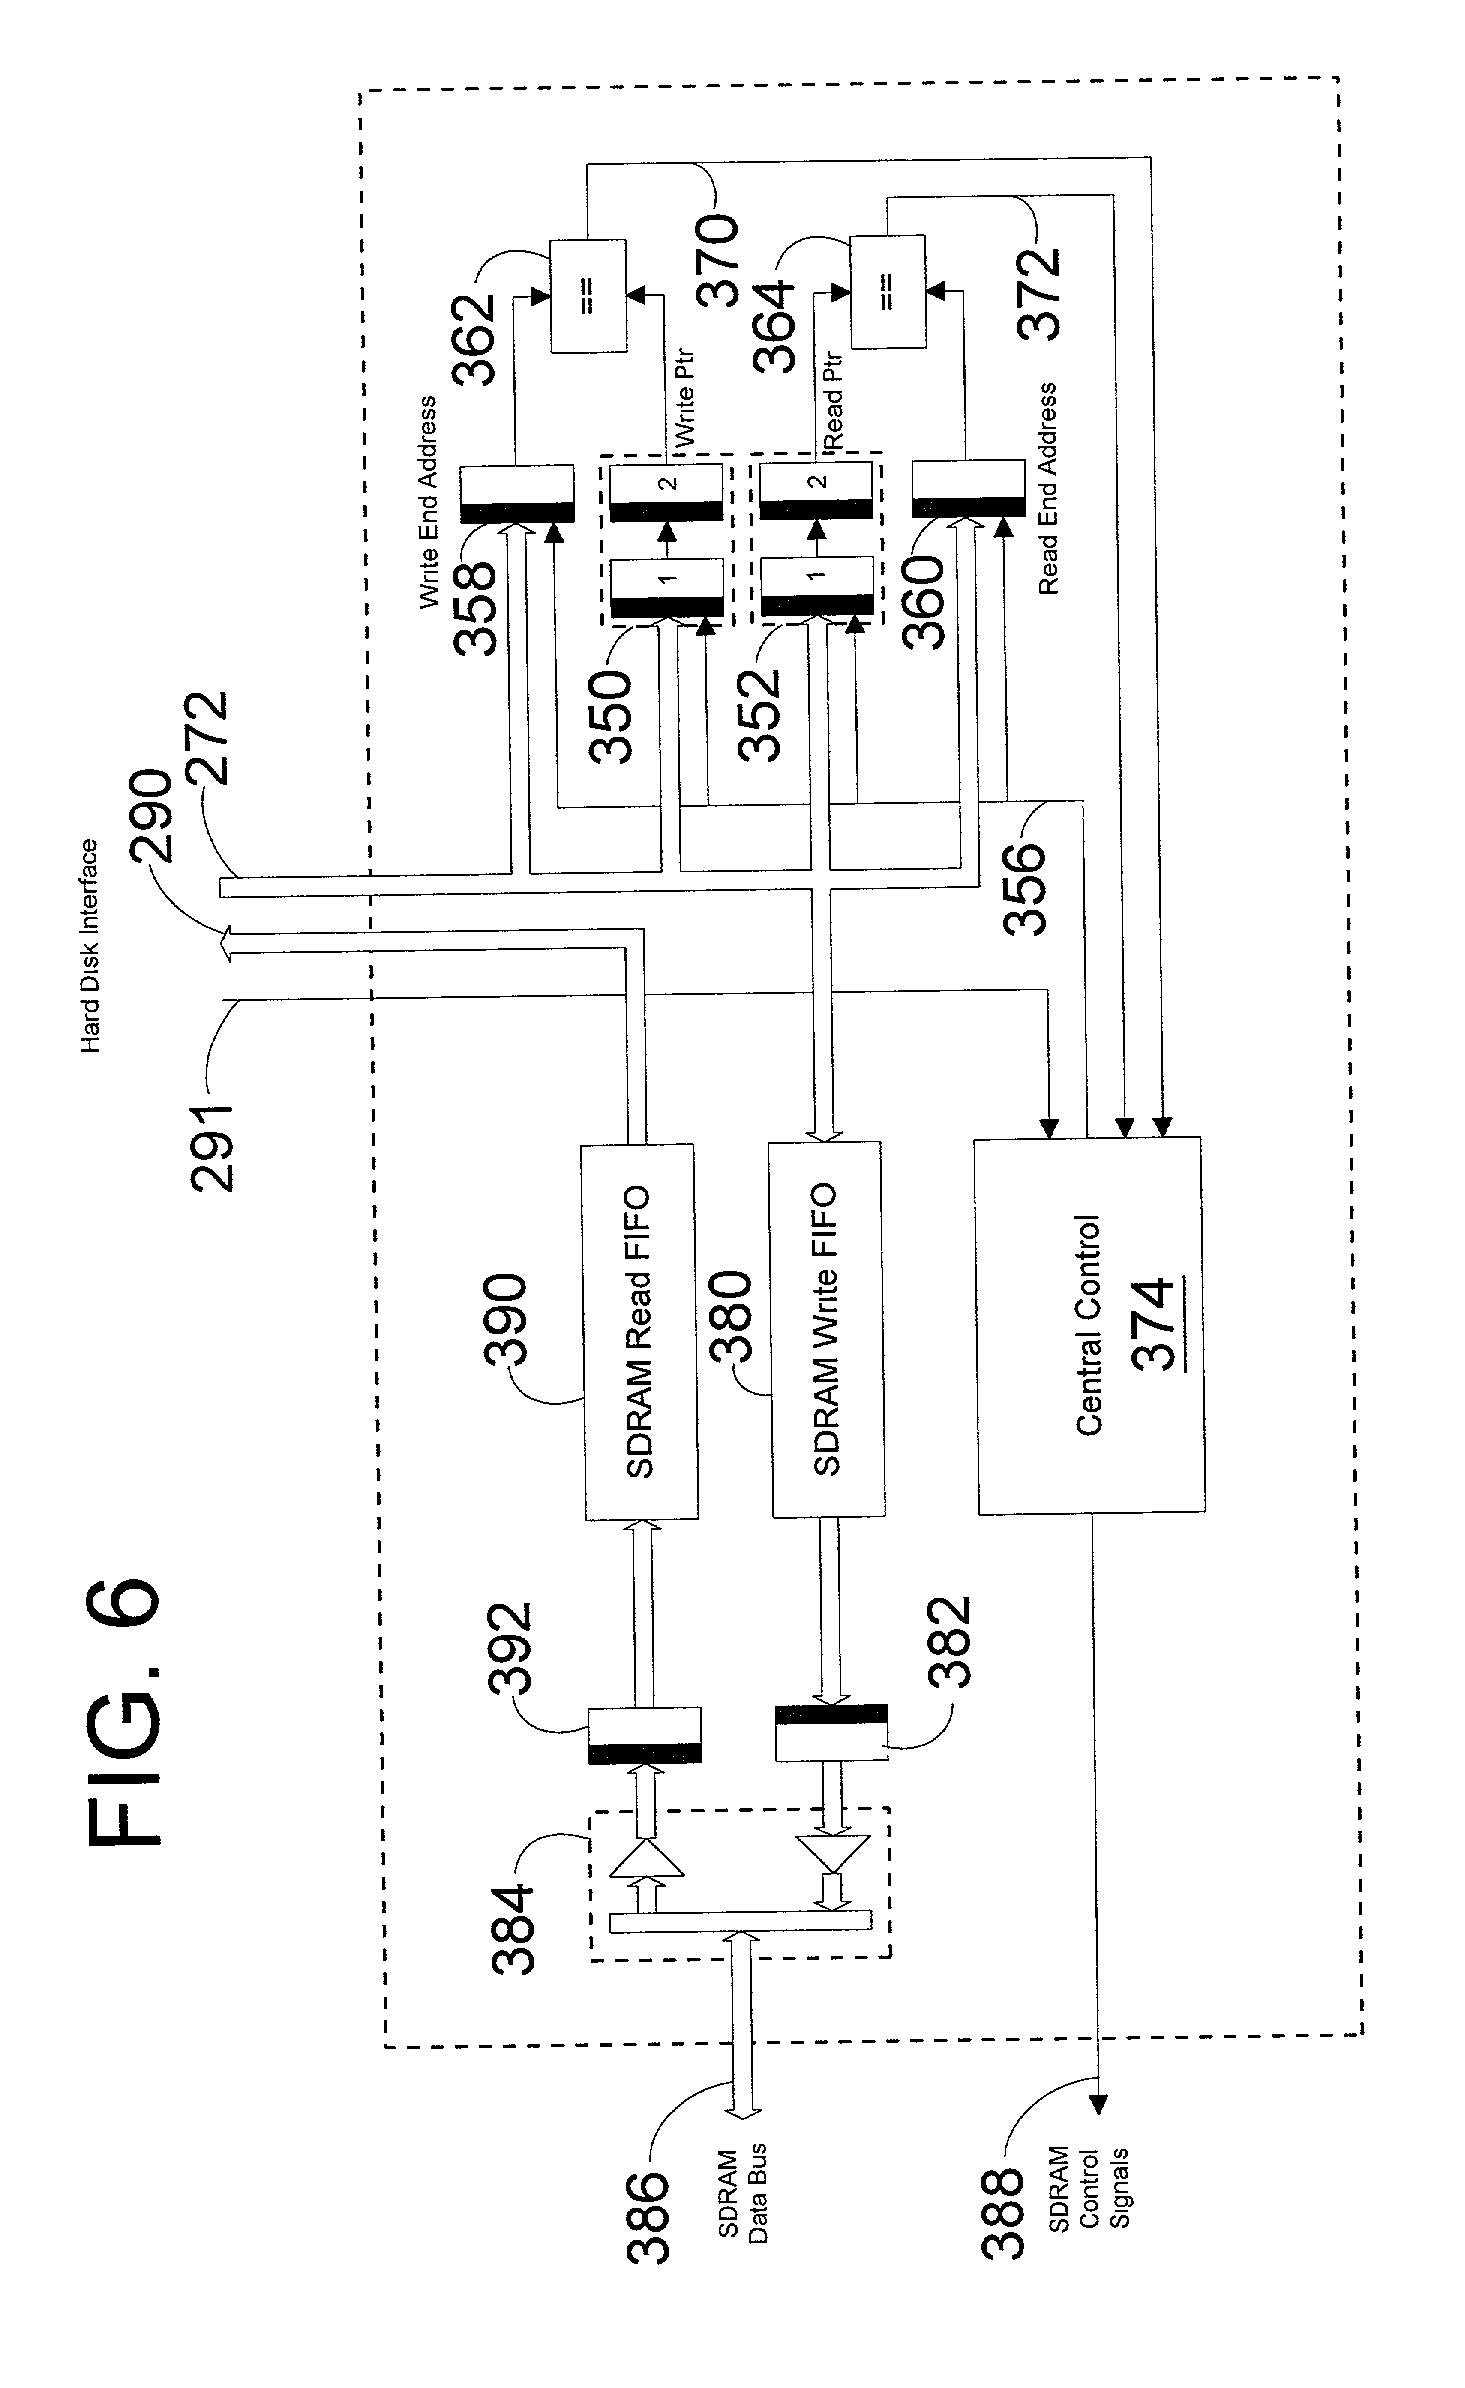 patent us20020085497